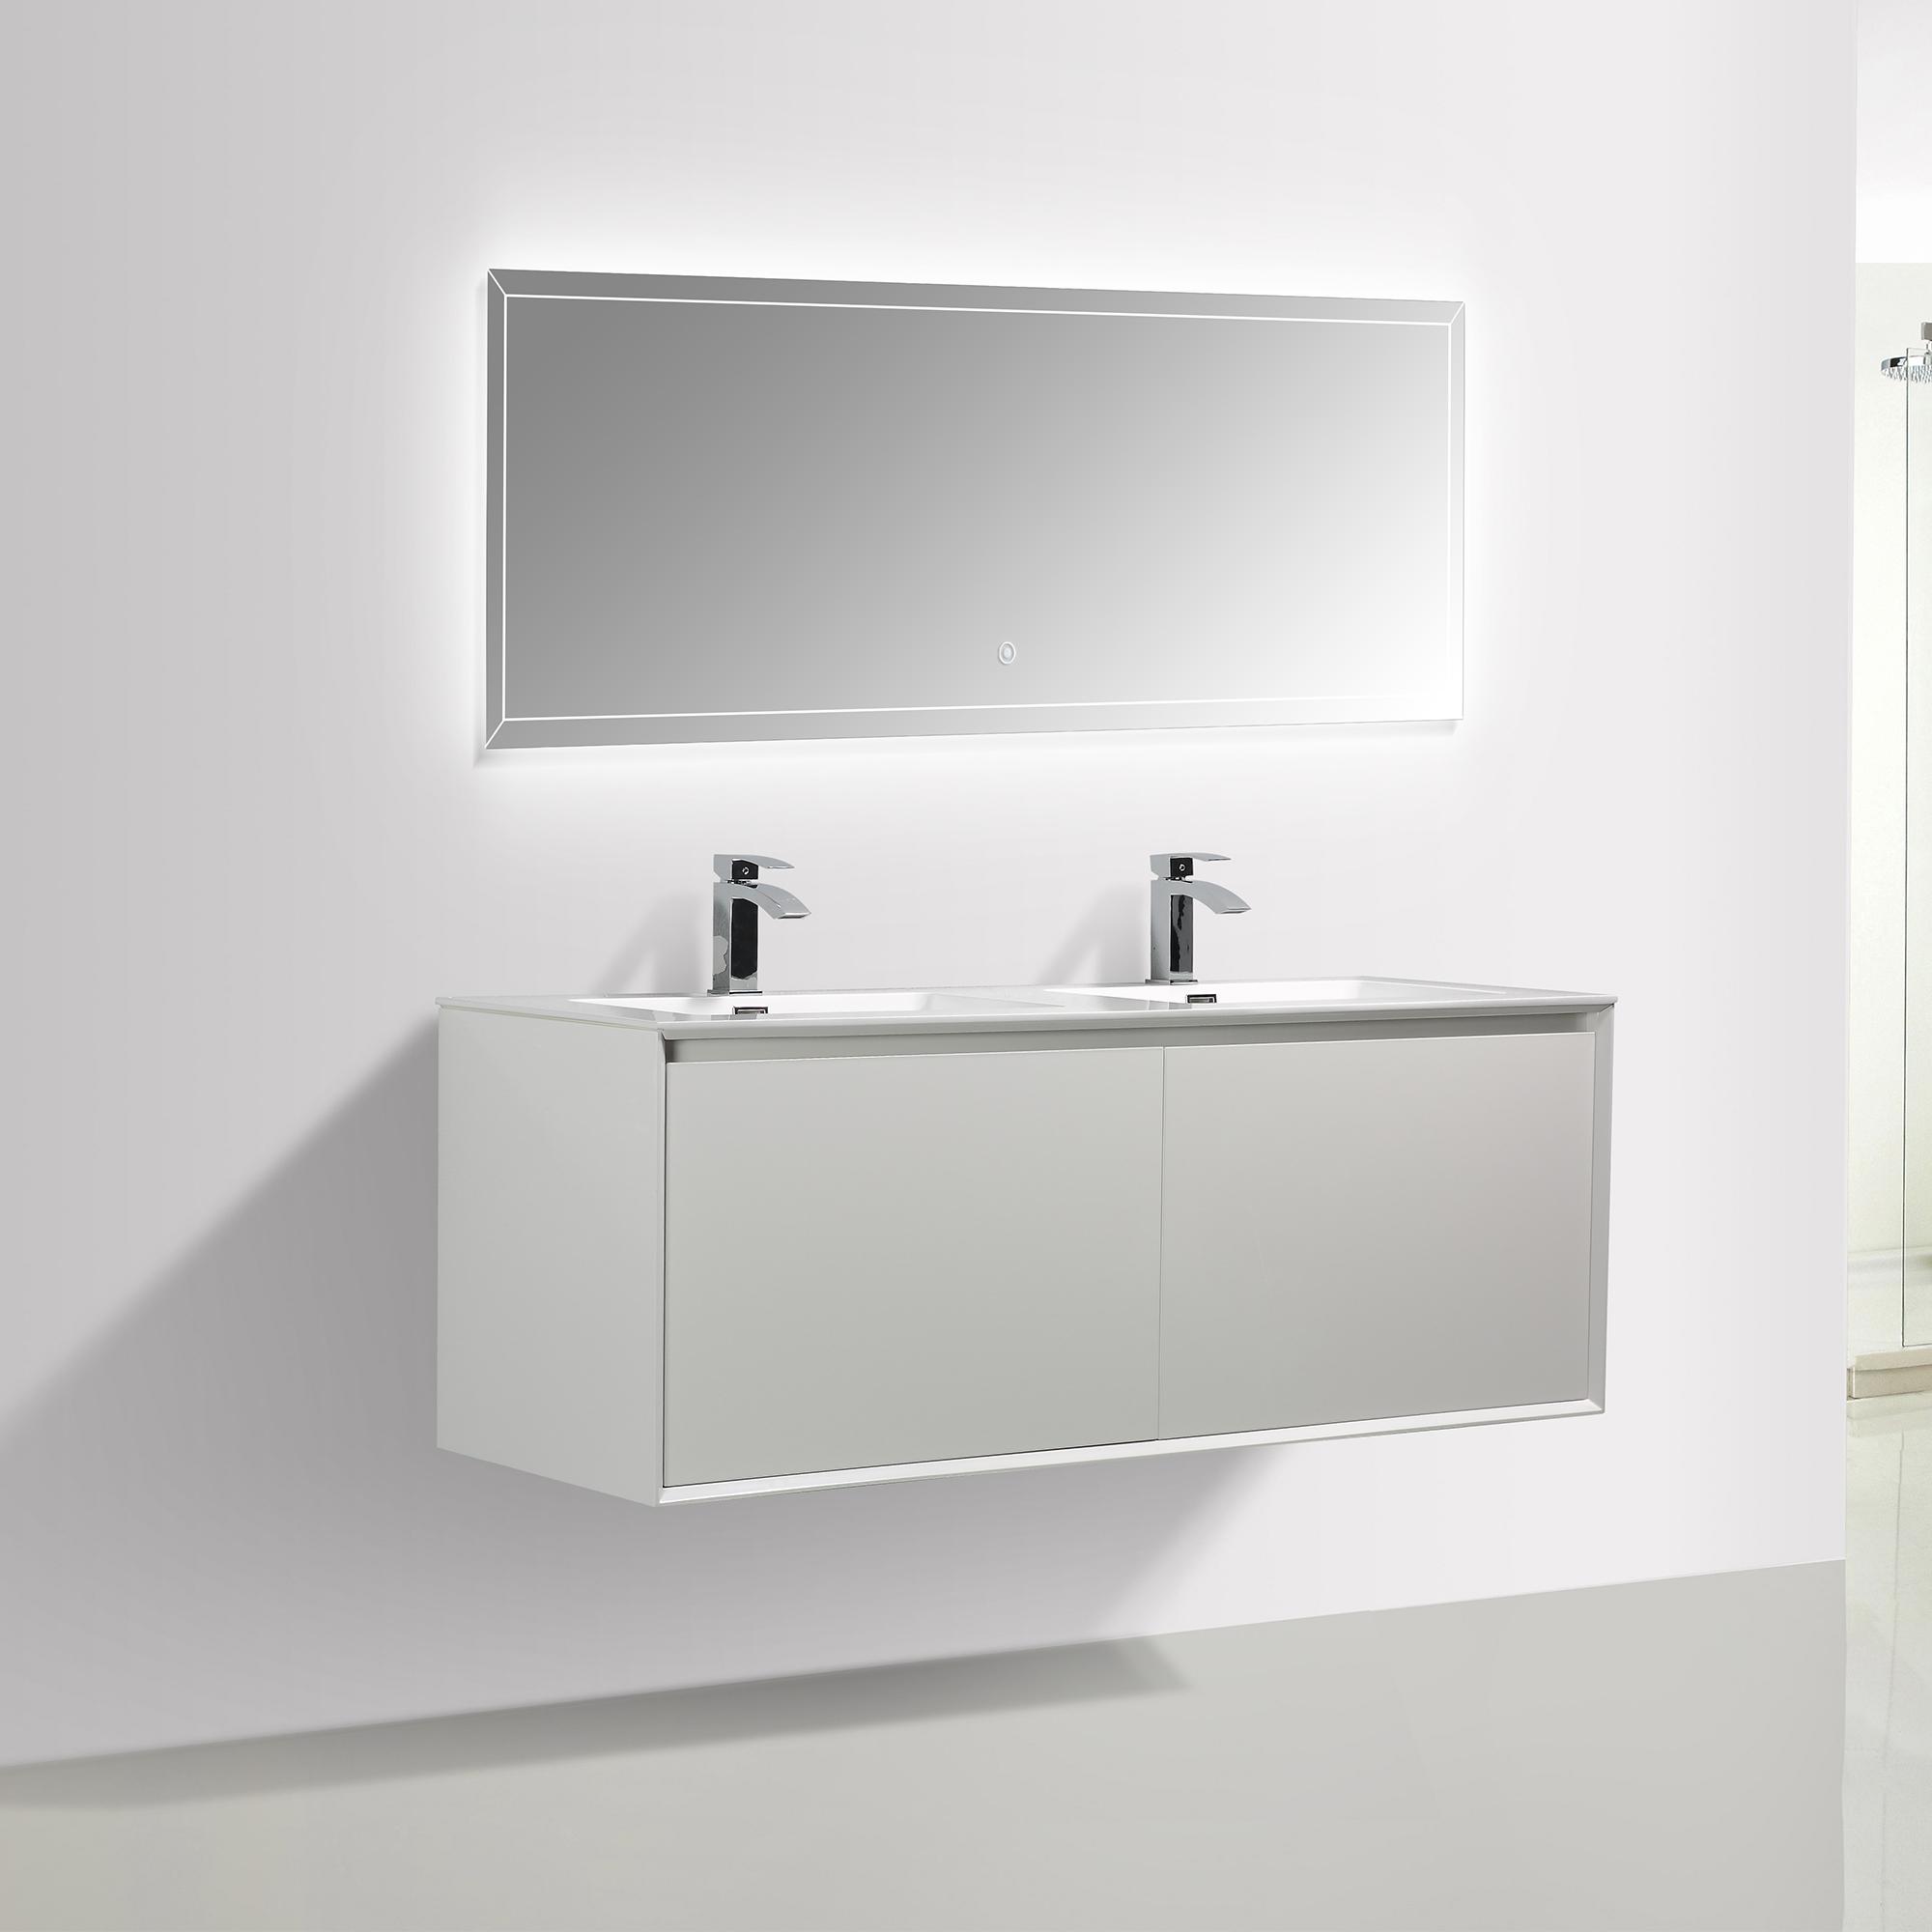 Badmöbel-Set Freya 1500 Weiß glänzend mit LED Beleuchtung